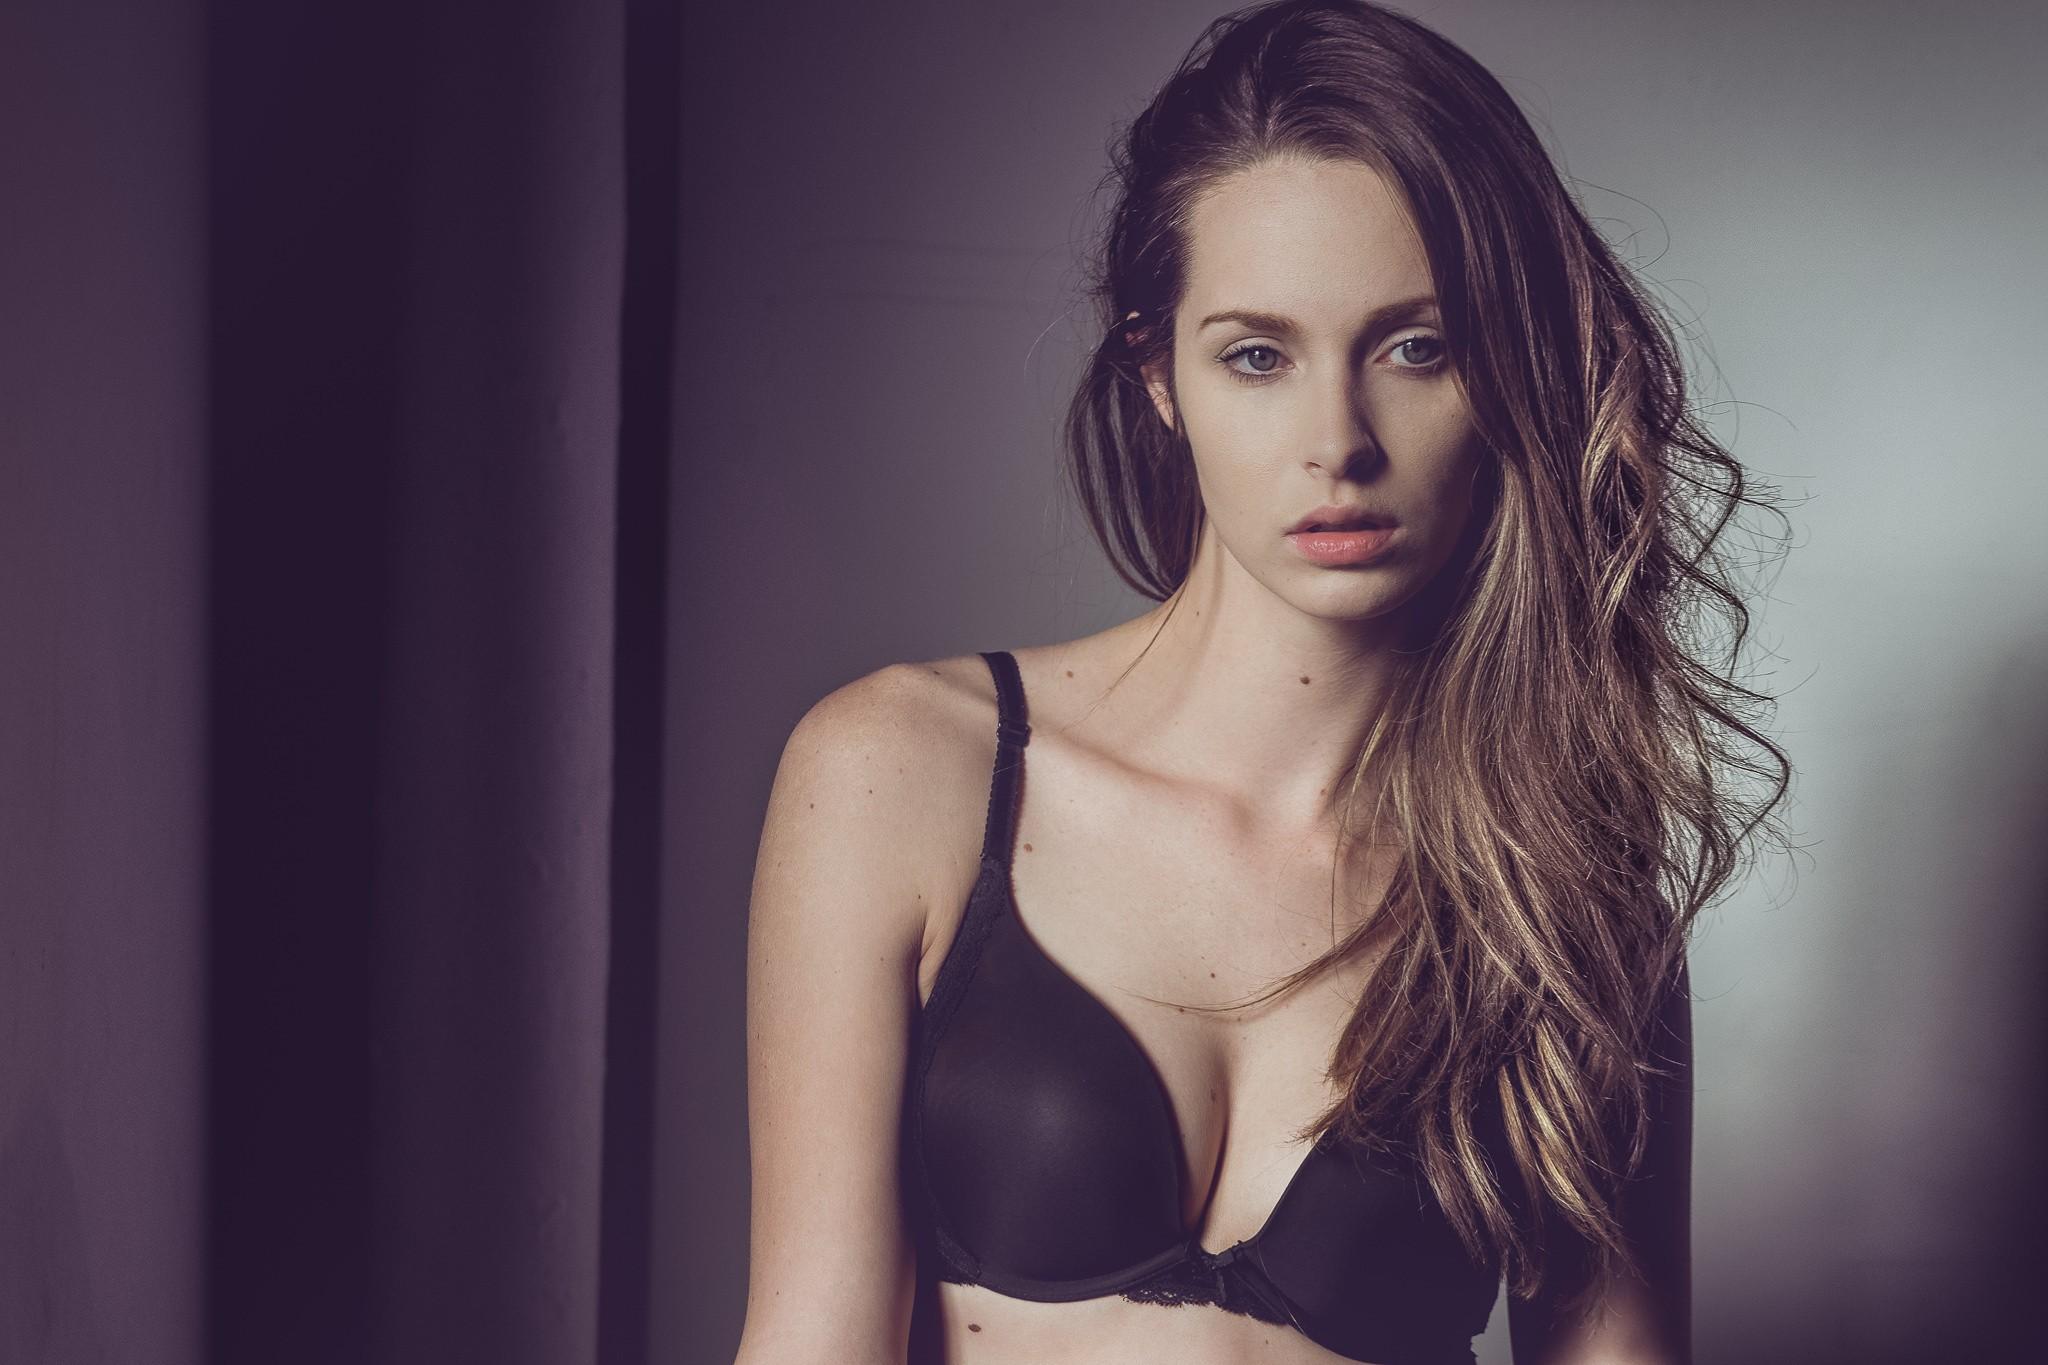 Fondos de pantalla : cara, mujer, modelo, pelo largo, fotografía ...